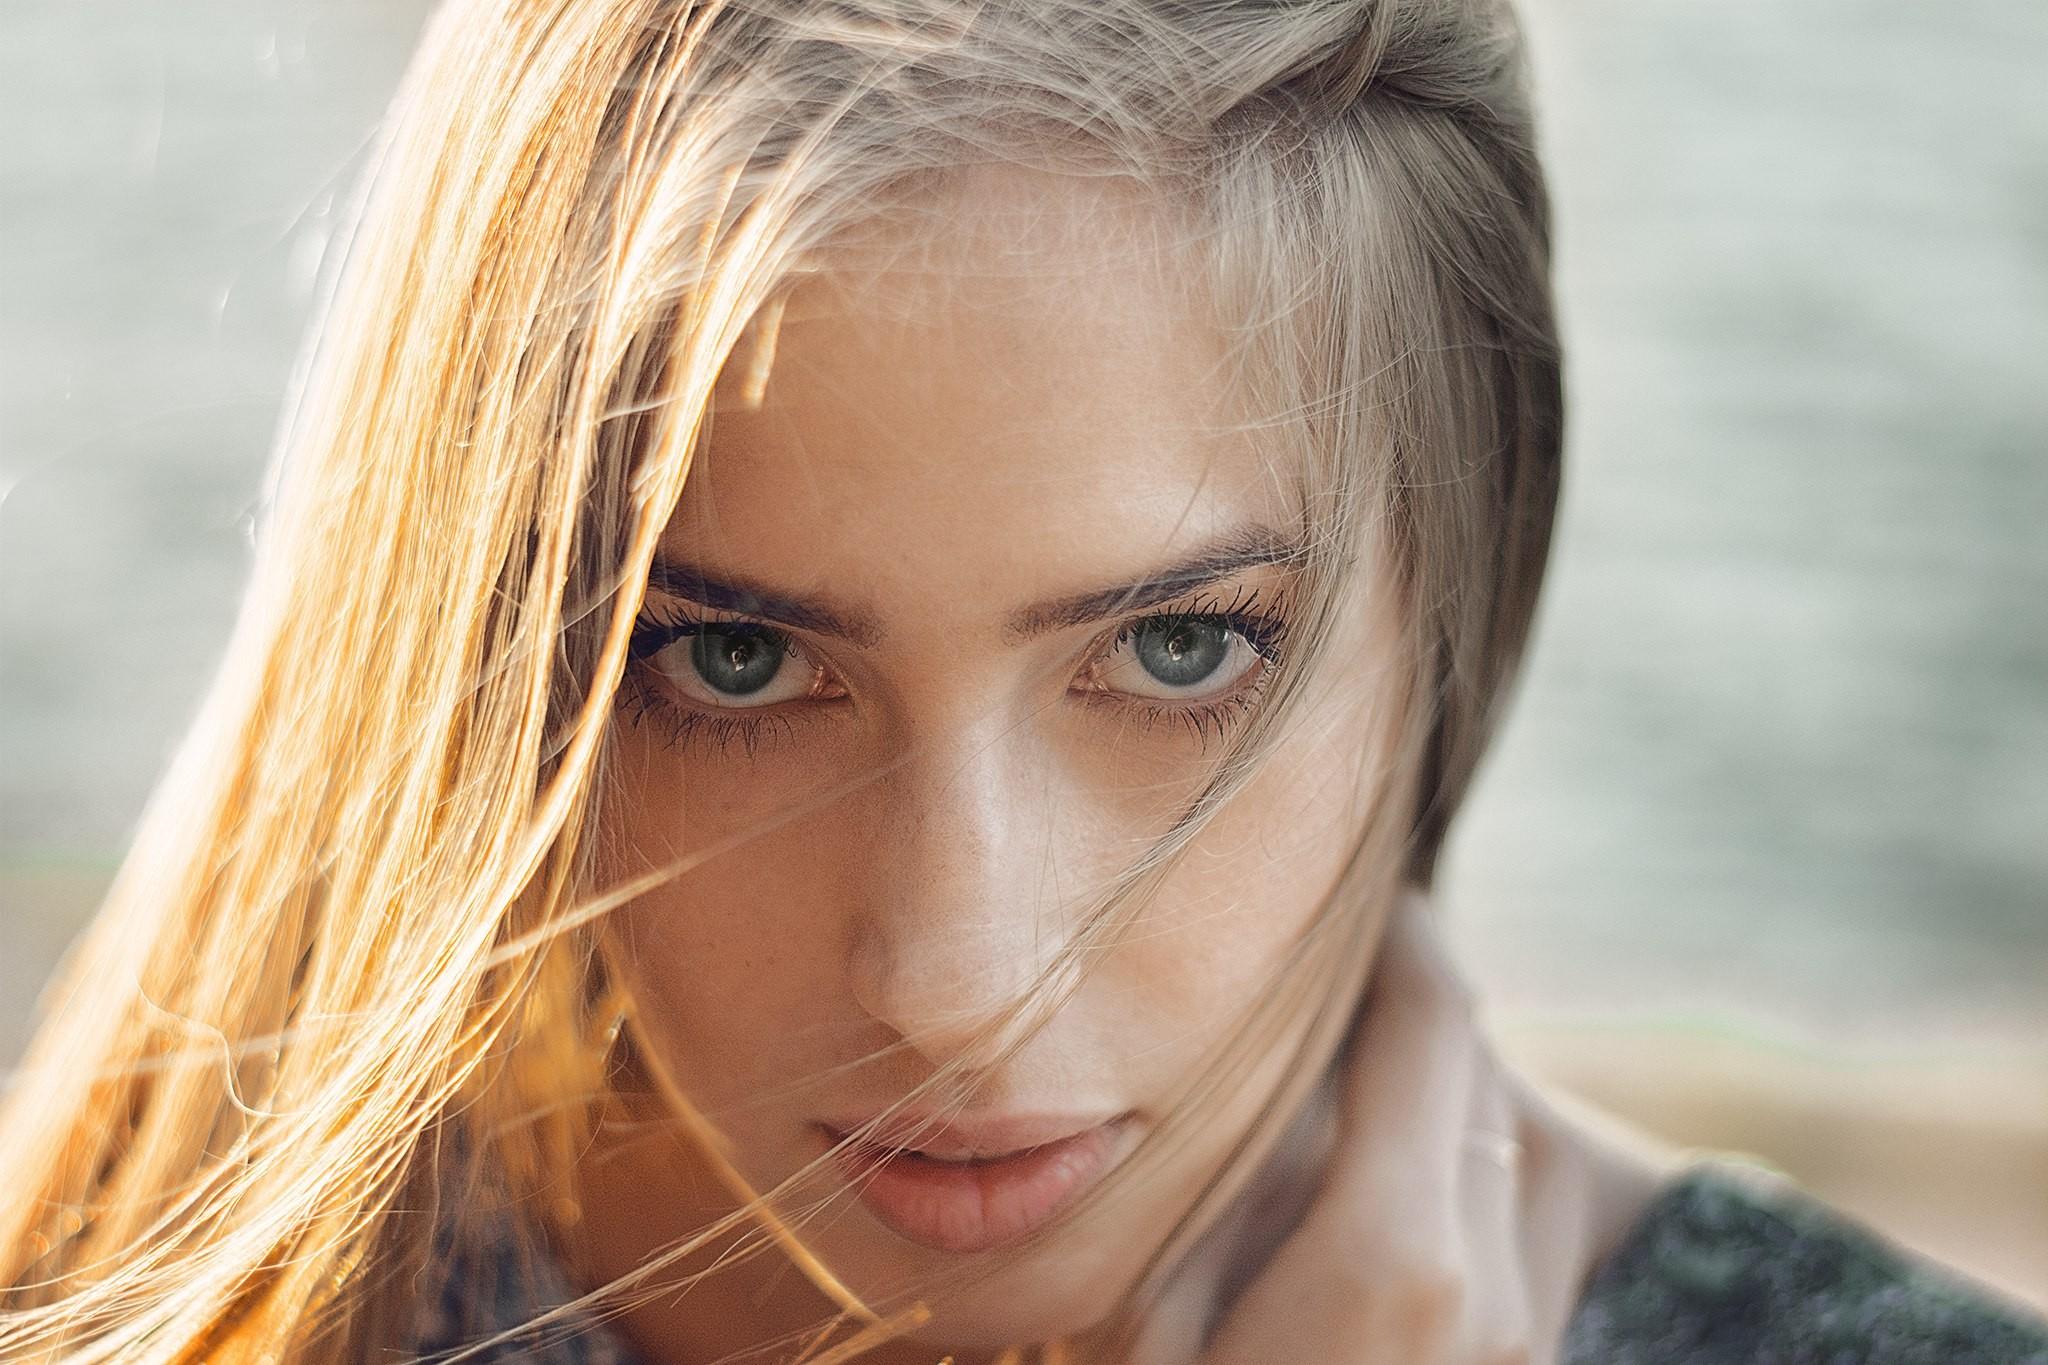 Wallpaper Face Women Model Nose Rings Long Hair: Wallpaper : Face, Women, Blonde, Depth Of Field, Long Hair